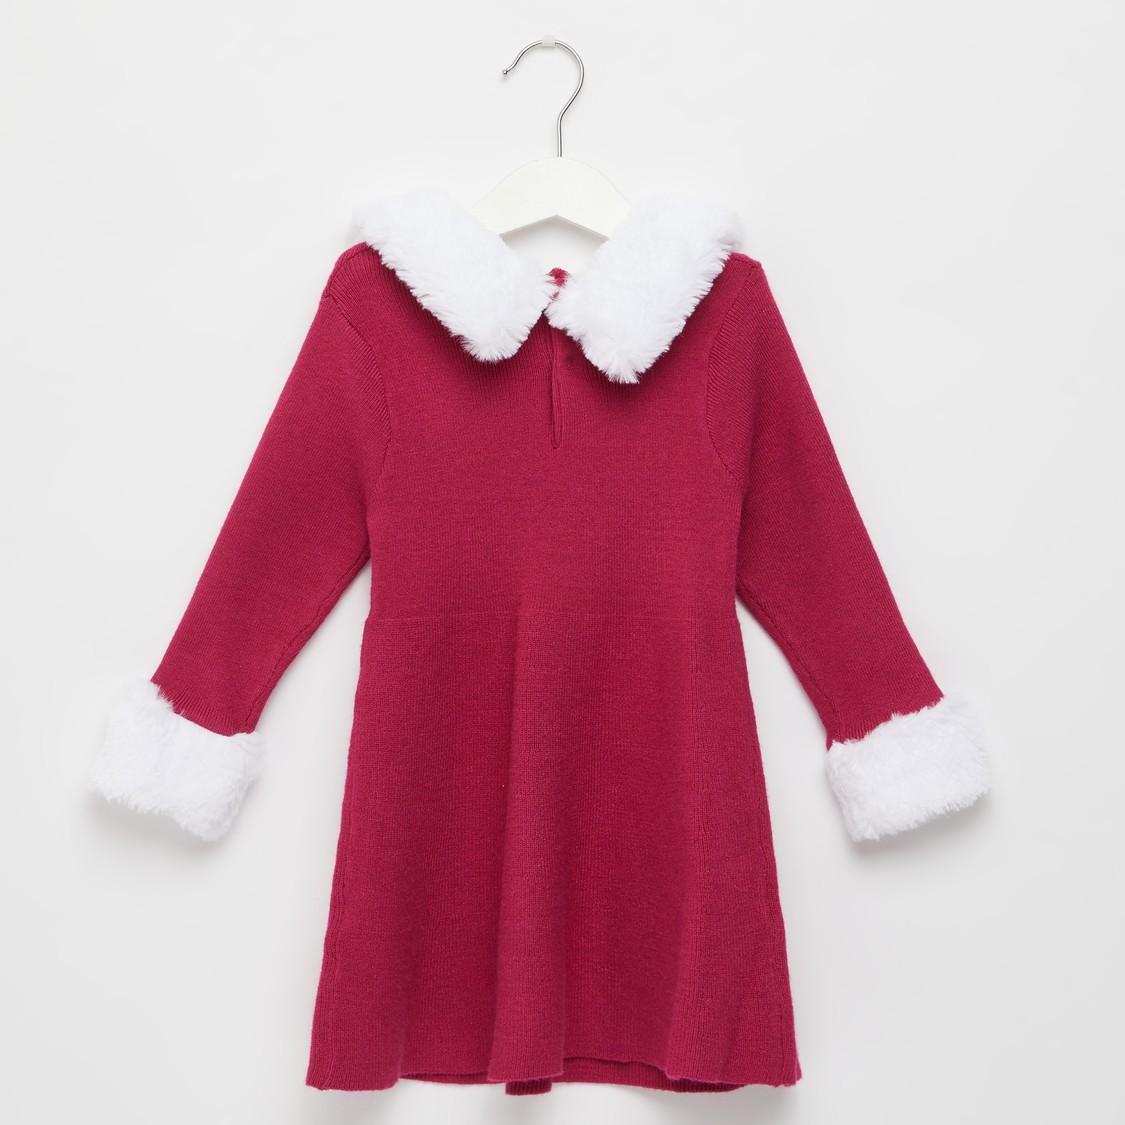 فستان كنزة بارز الملمس بأكمام طويلة وياقة مخملية